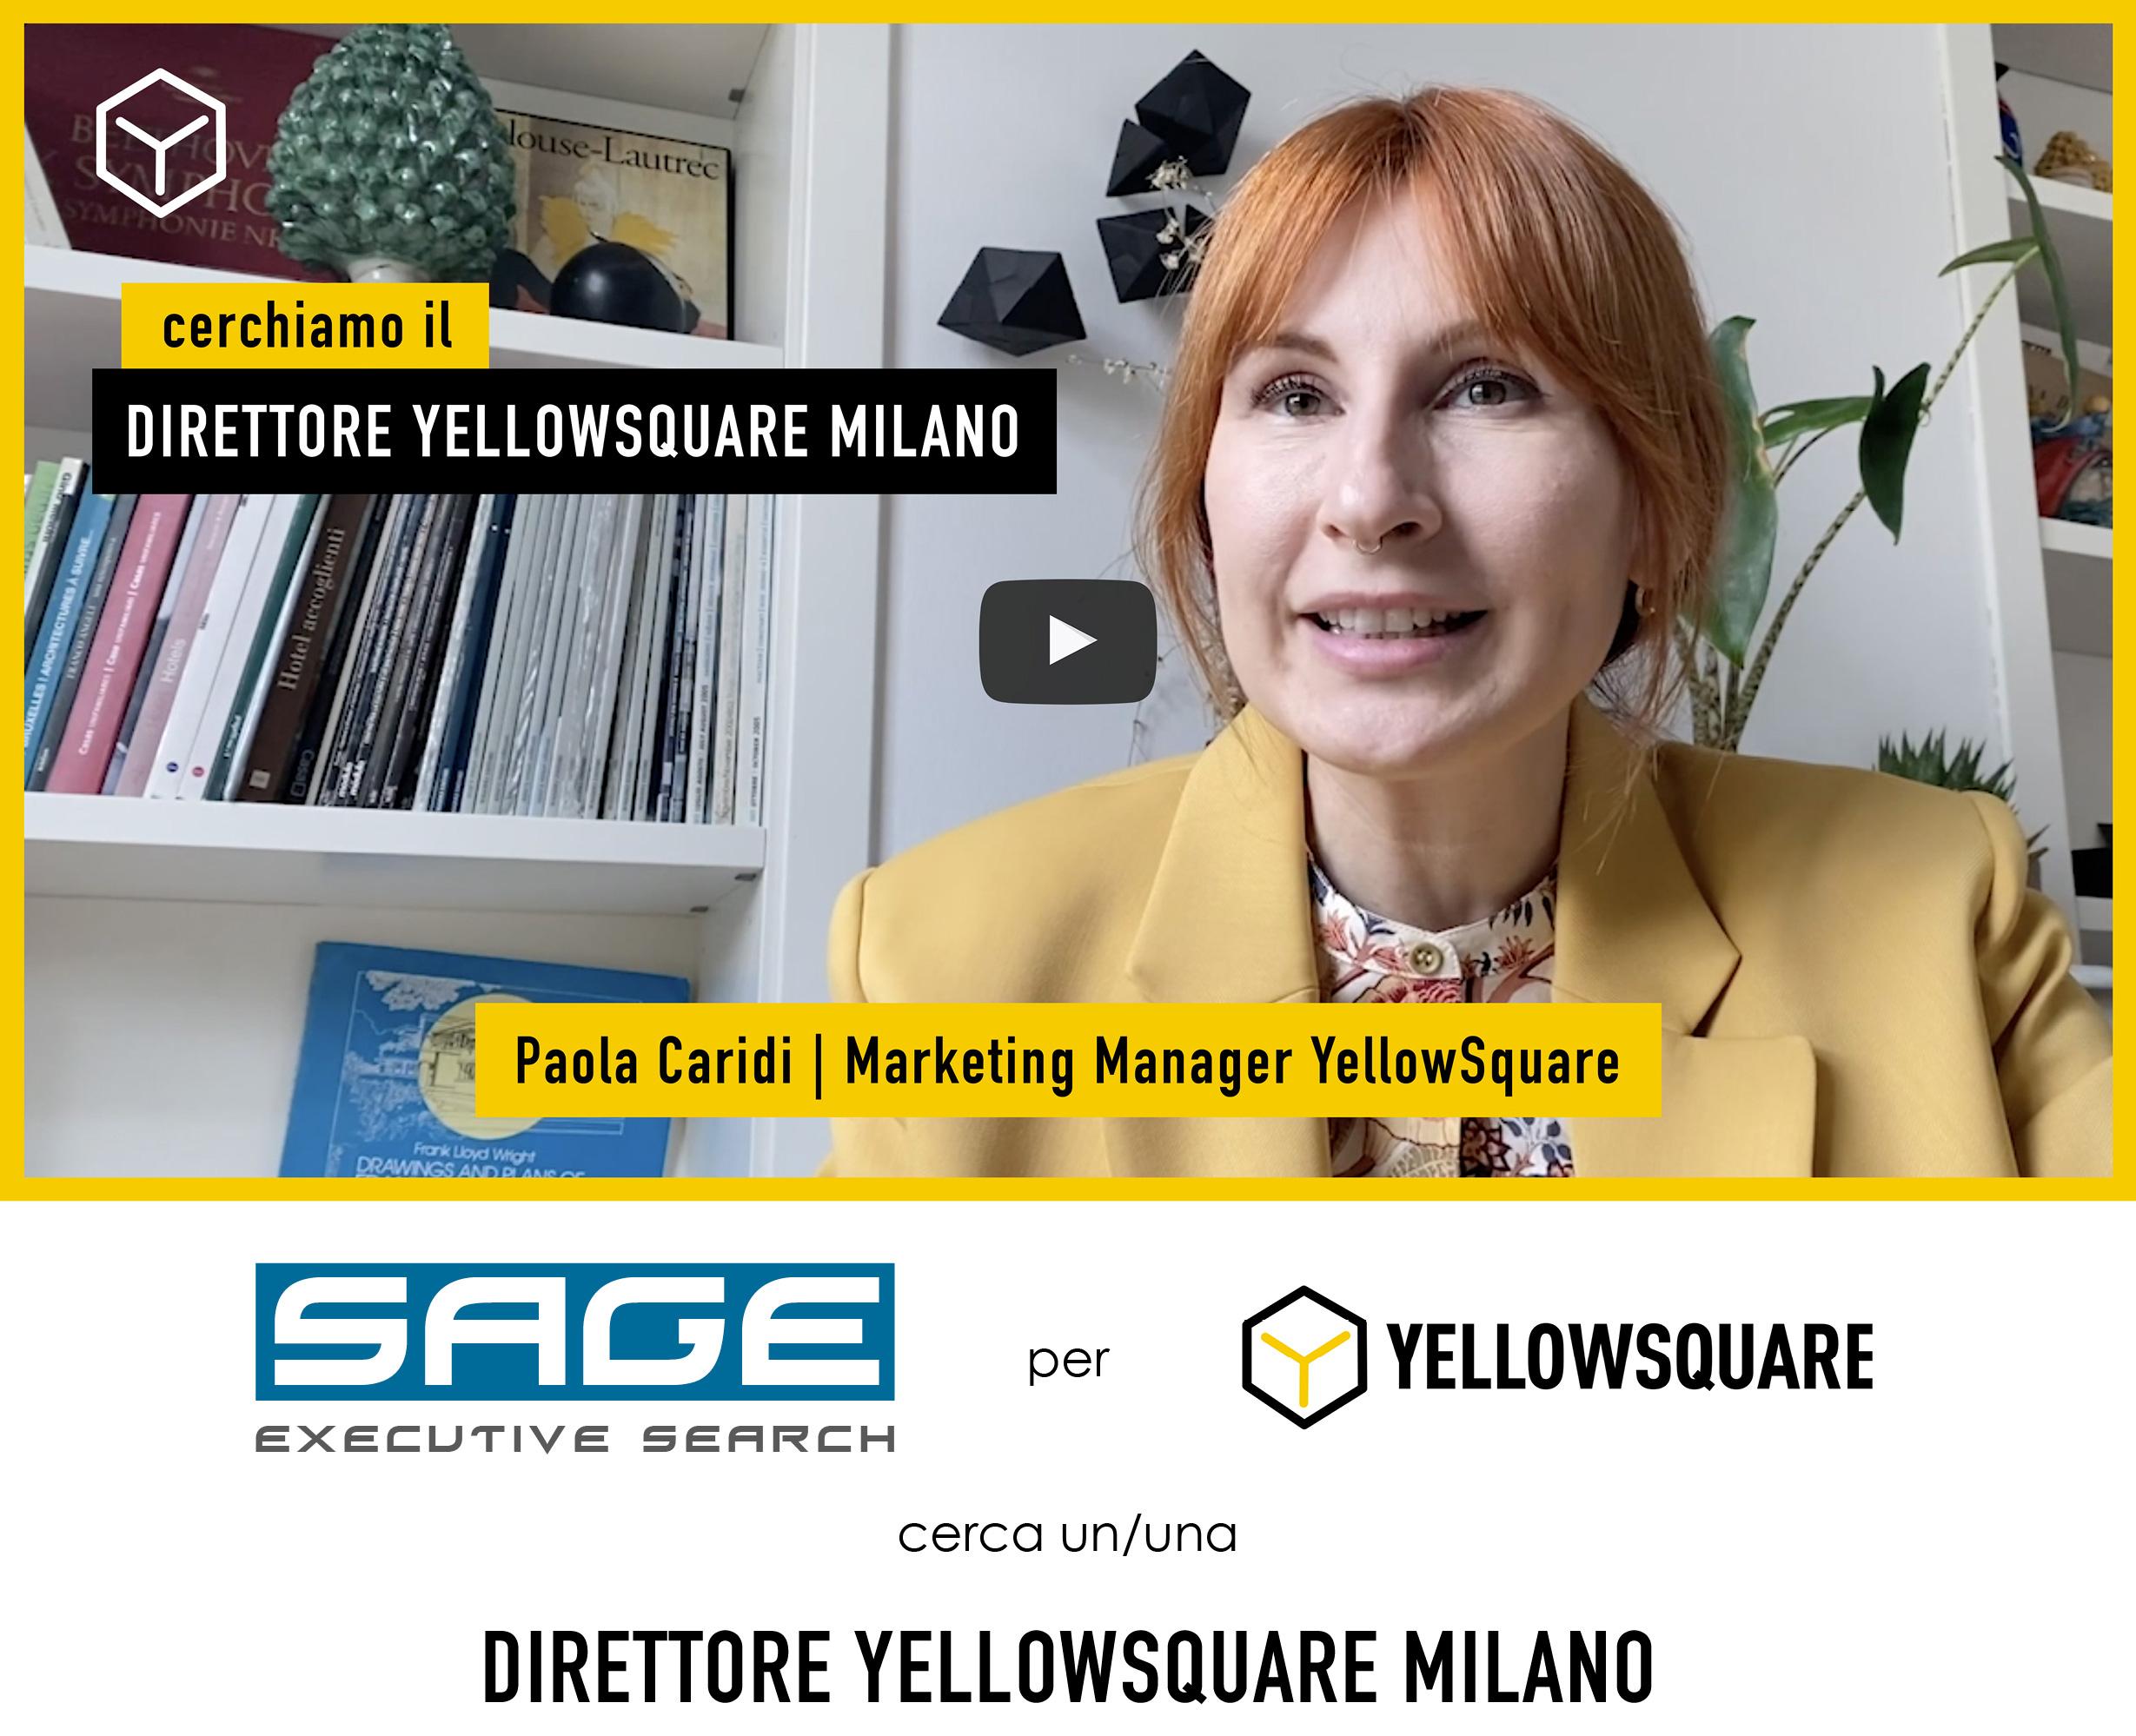 SAGE EXECUTIVE SEARCH per YELLOWSQUARE cerca un/una DIRETTORE YELLOWSQUARE MILANO